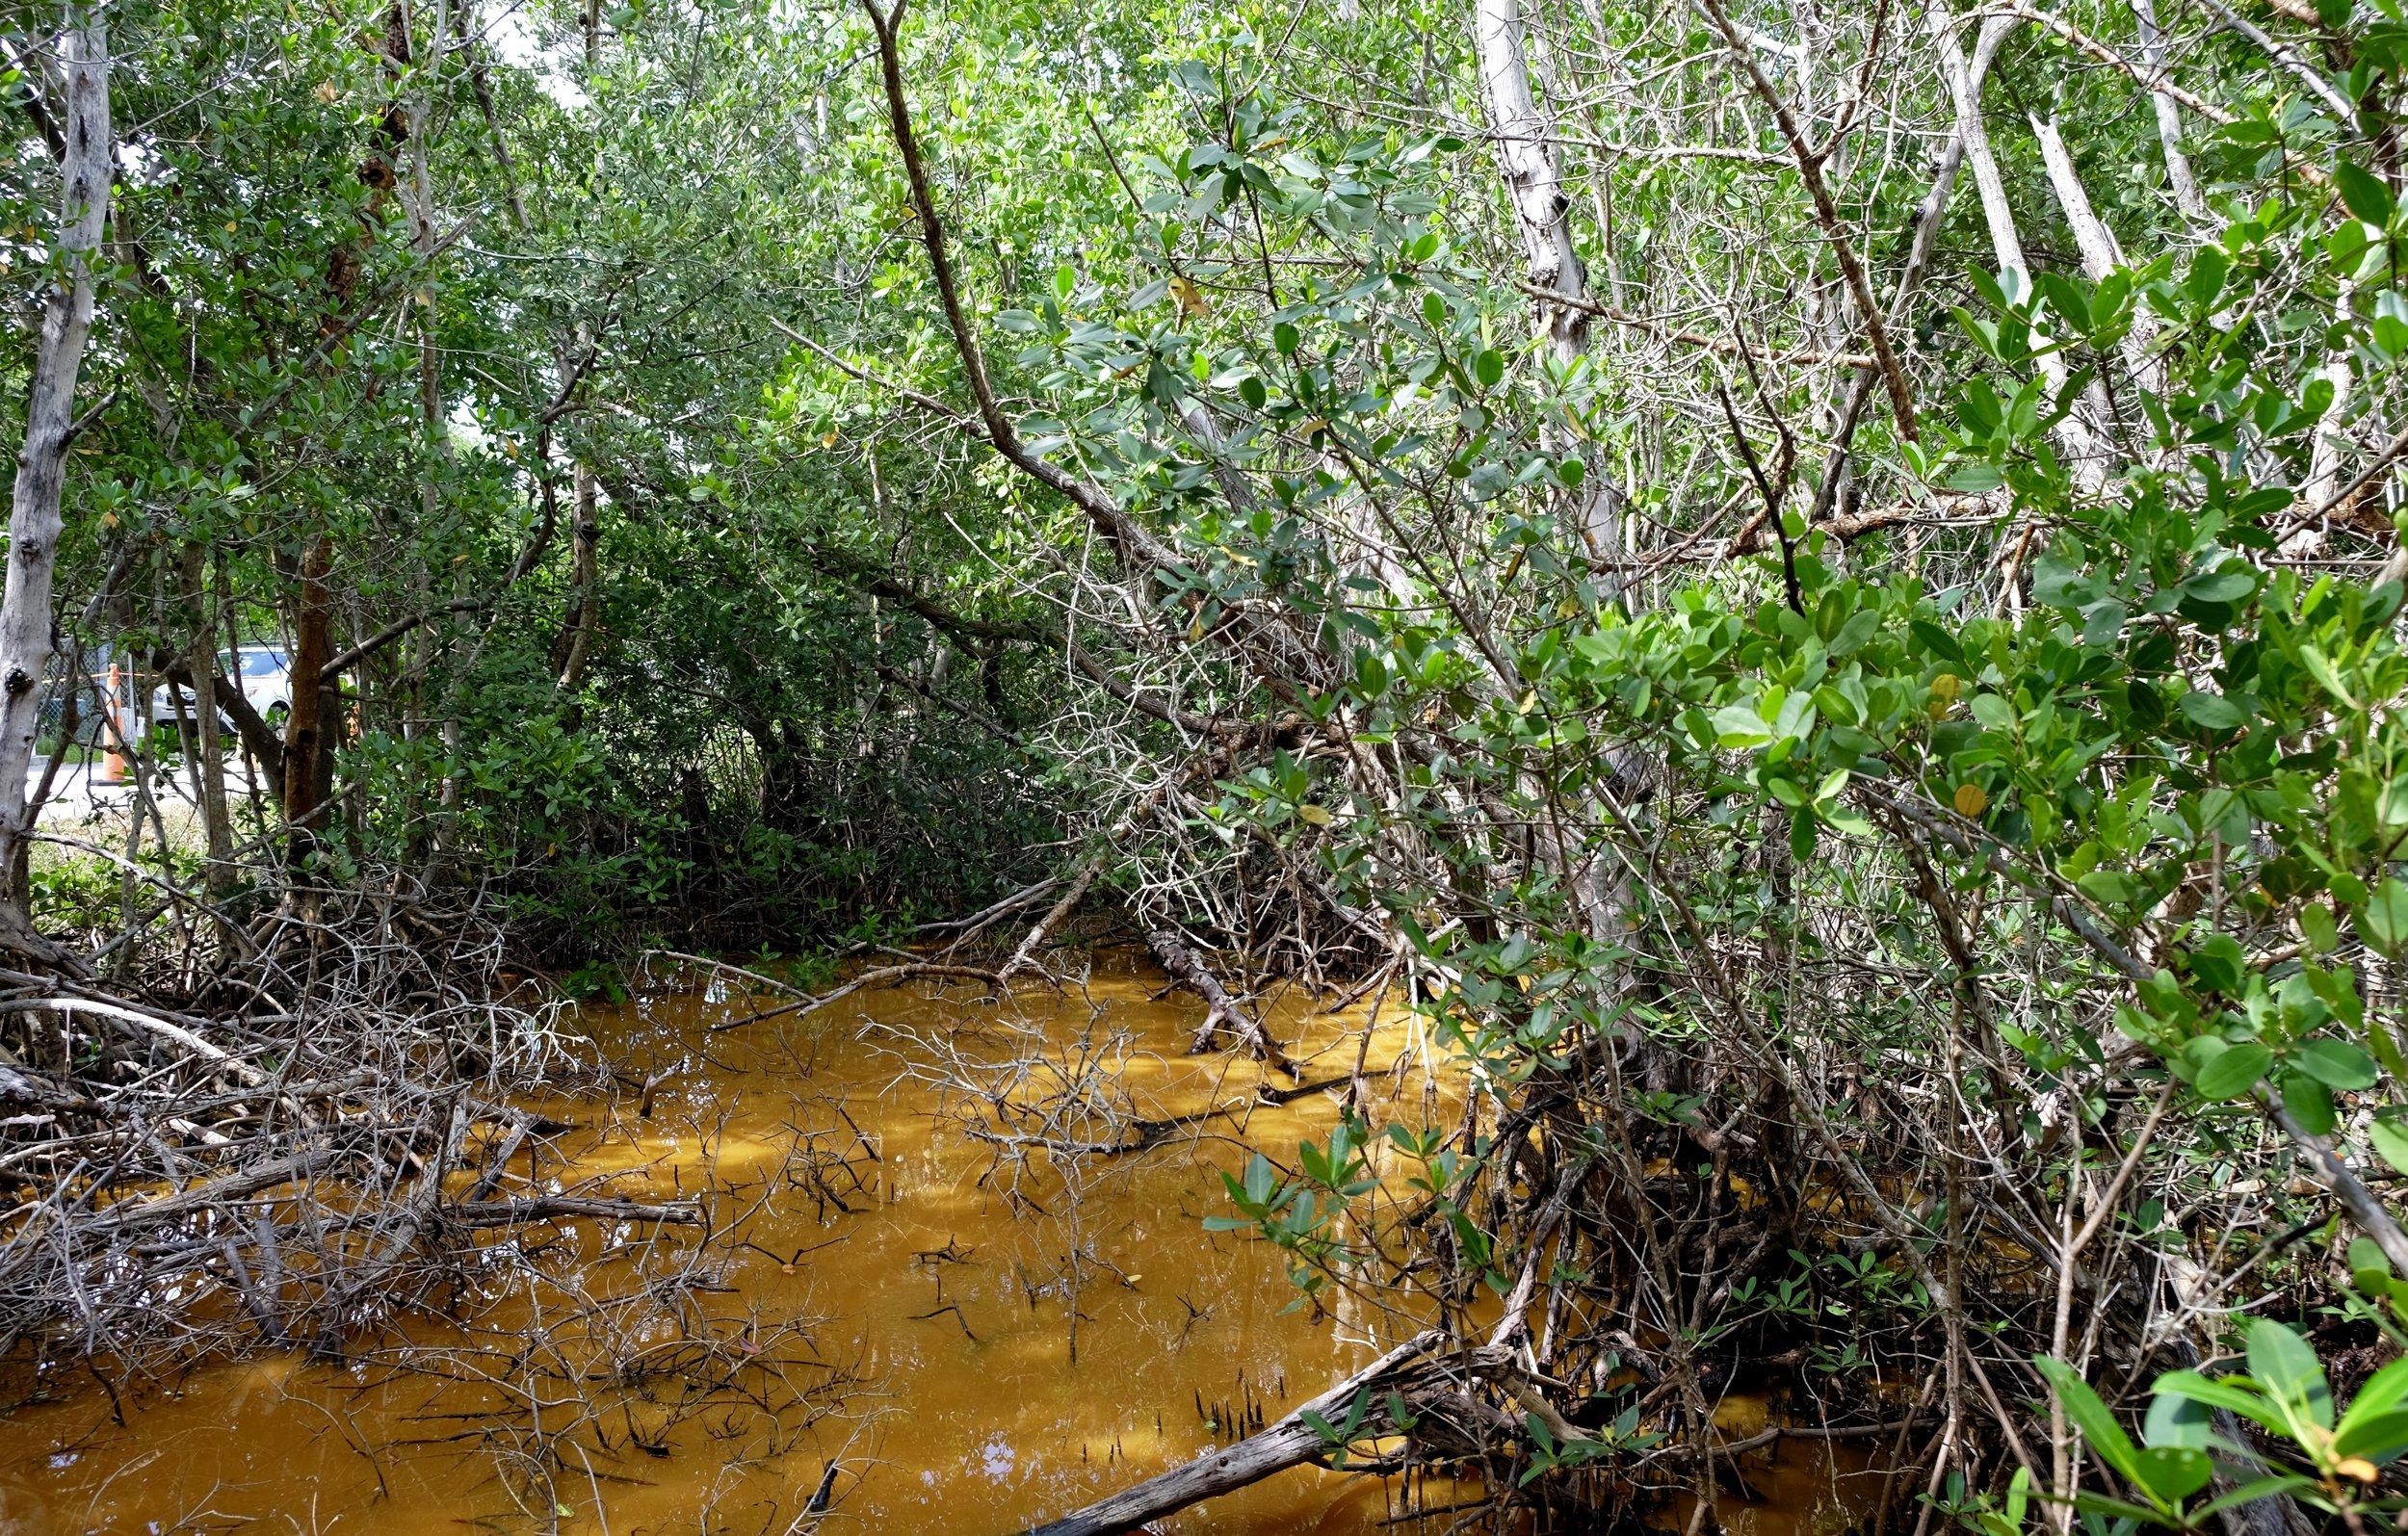 Sanibel Island: Mangroves at the J.N. Ding National Wildlife Refuge